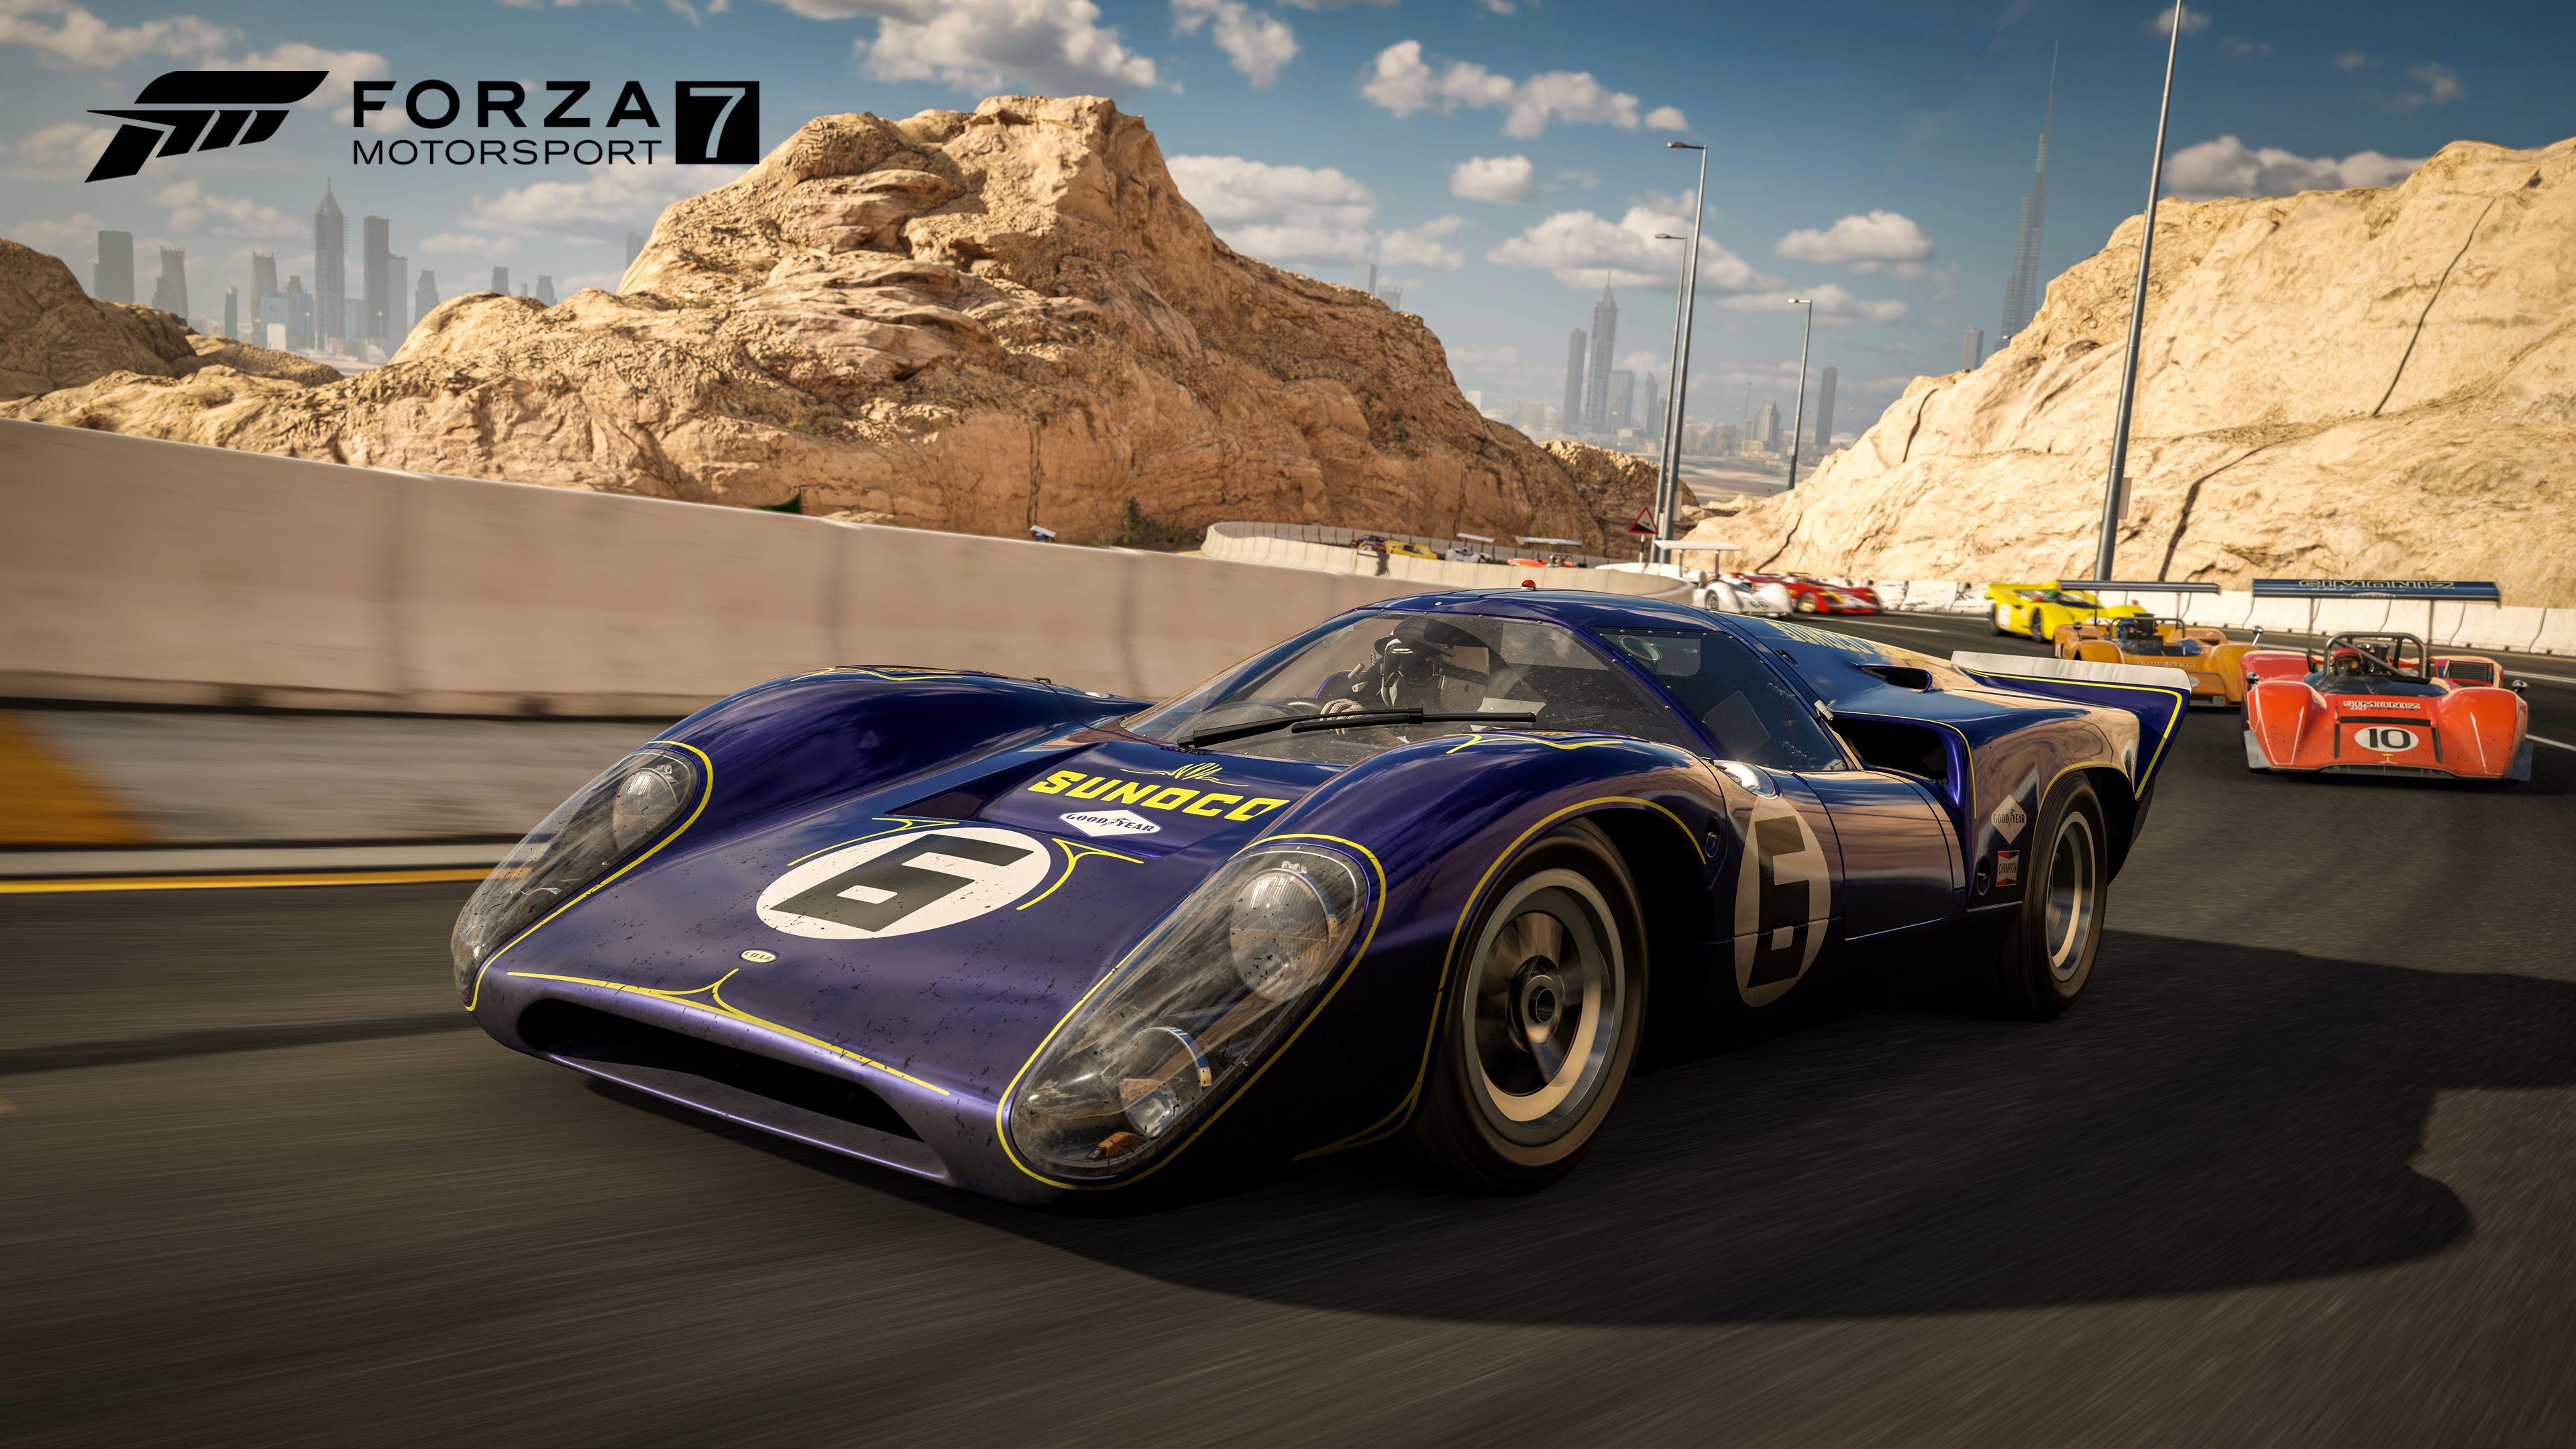 Forza Motorsport 7 - HW nároky, demo a obrázky 148640